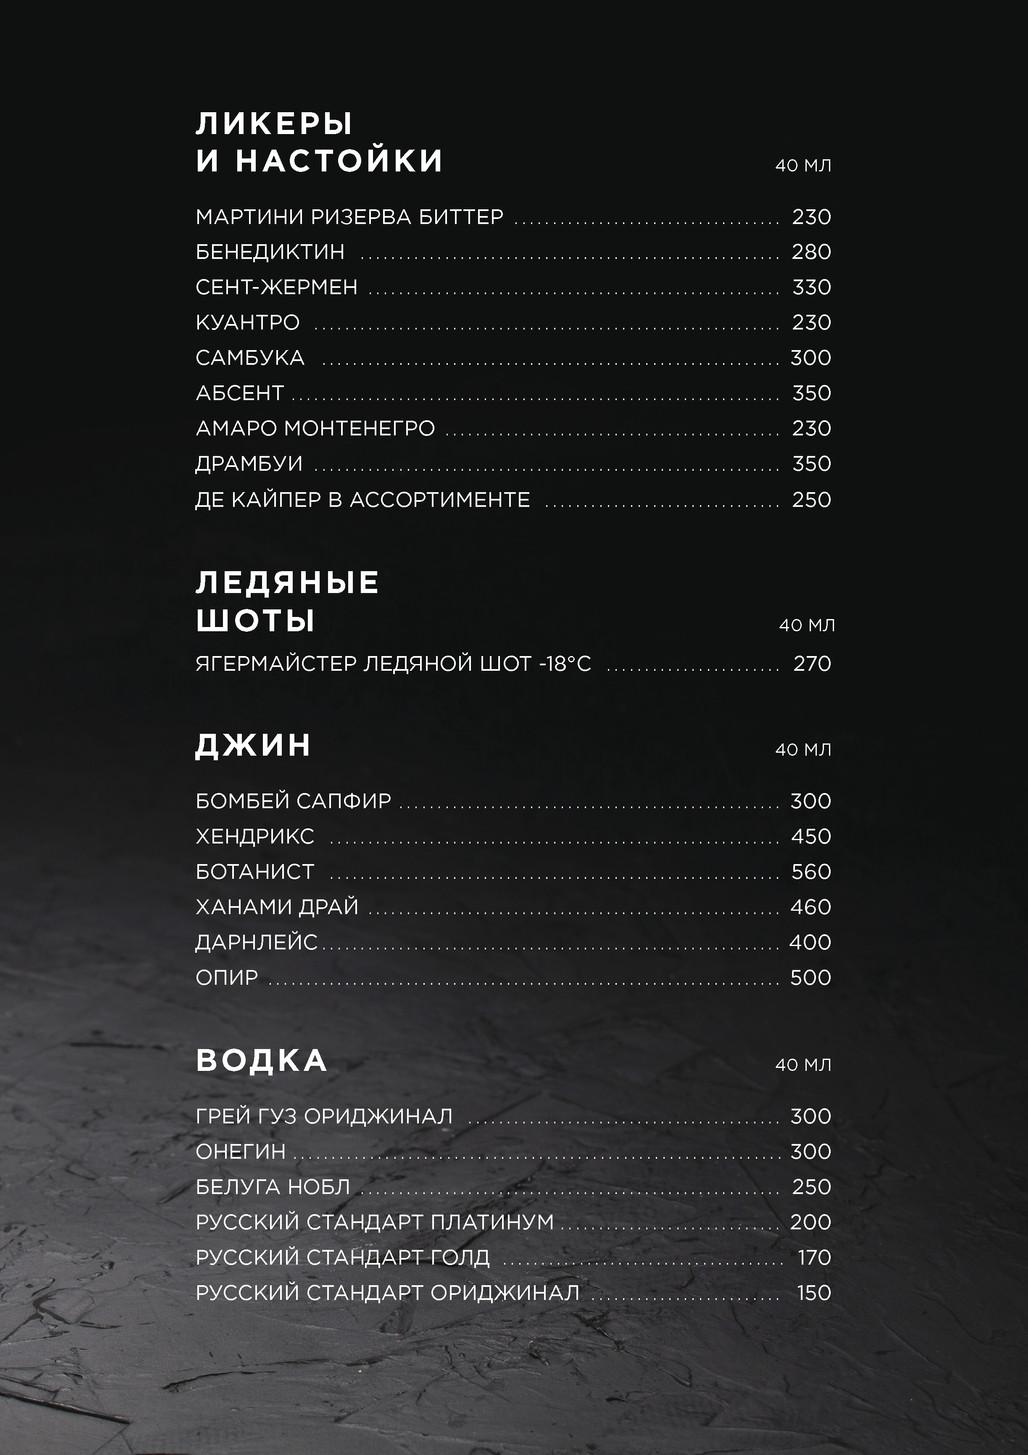 bar_menu___new___17.jpg